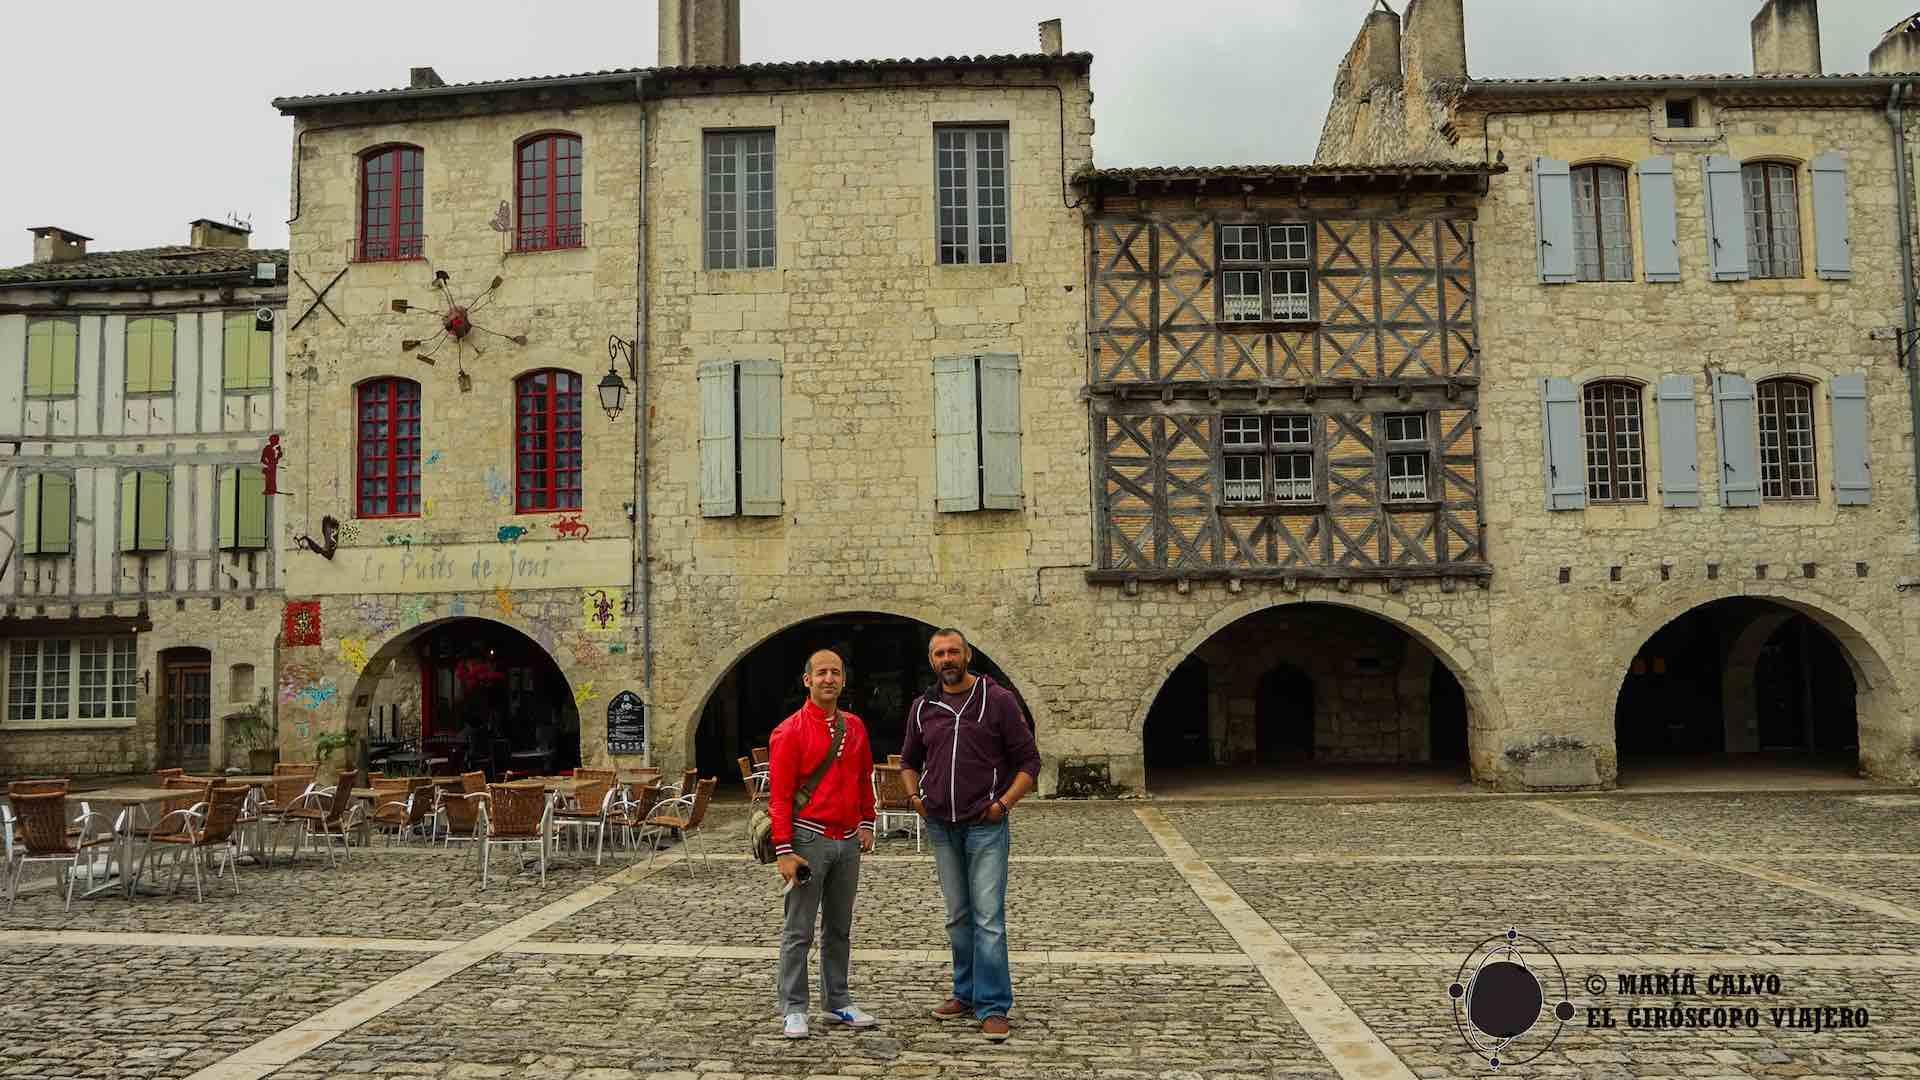 De nuevo en la plaza medieval de Lauzerte con nuestro guía William